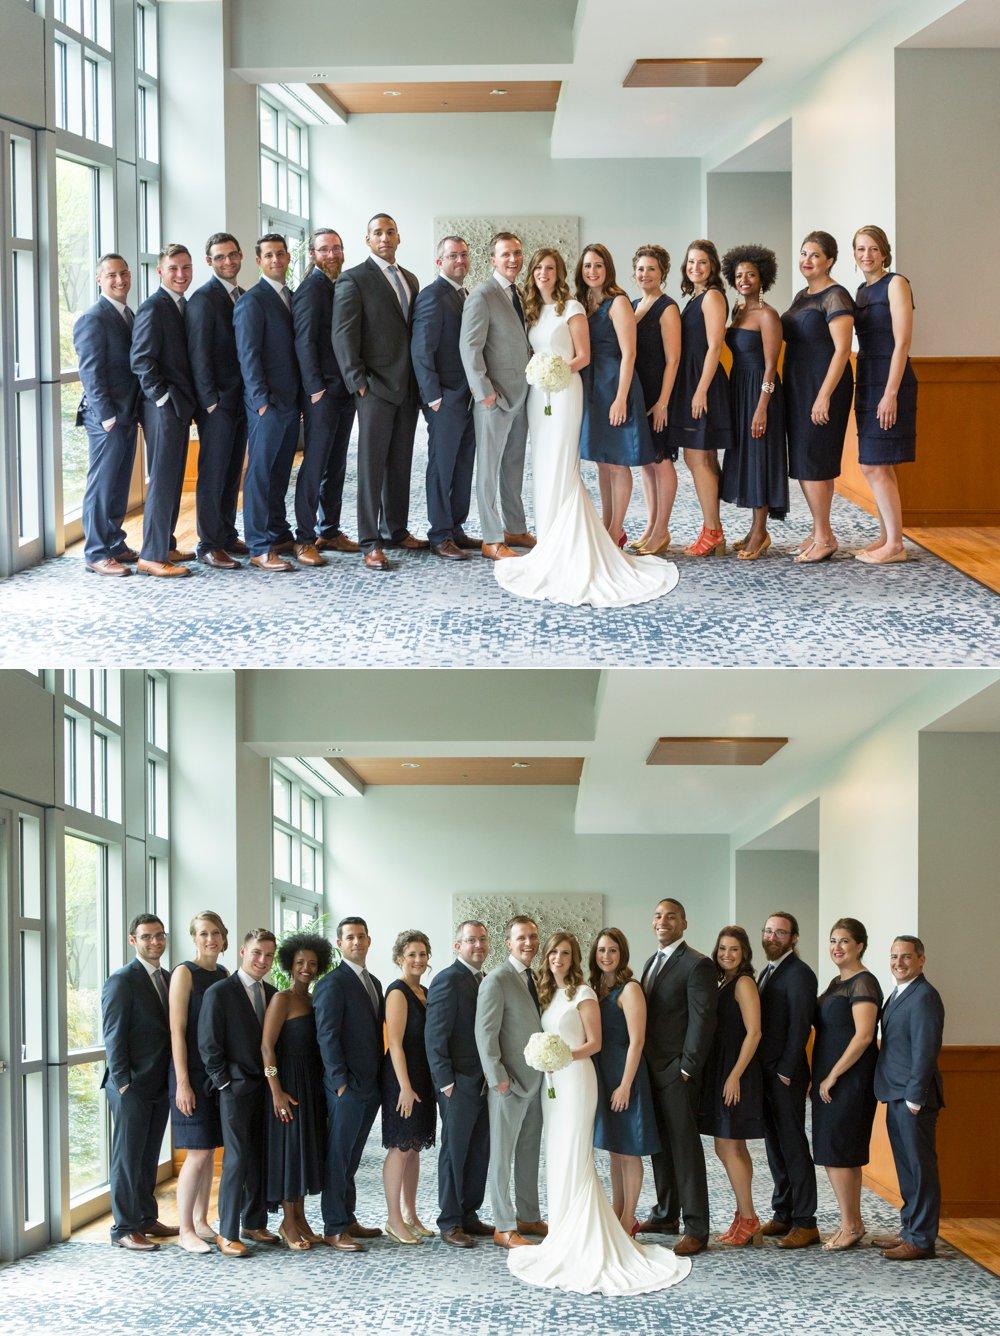 SomerbyJonesPhotography_LoyalNineWedding_LoyalNineRestaurant_LoyalNine_Wedding_0014.jpg